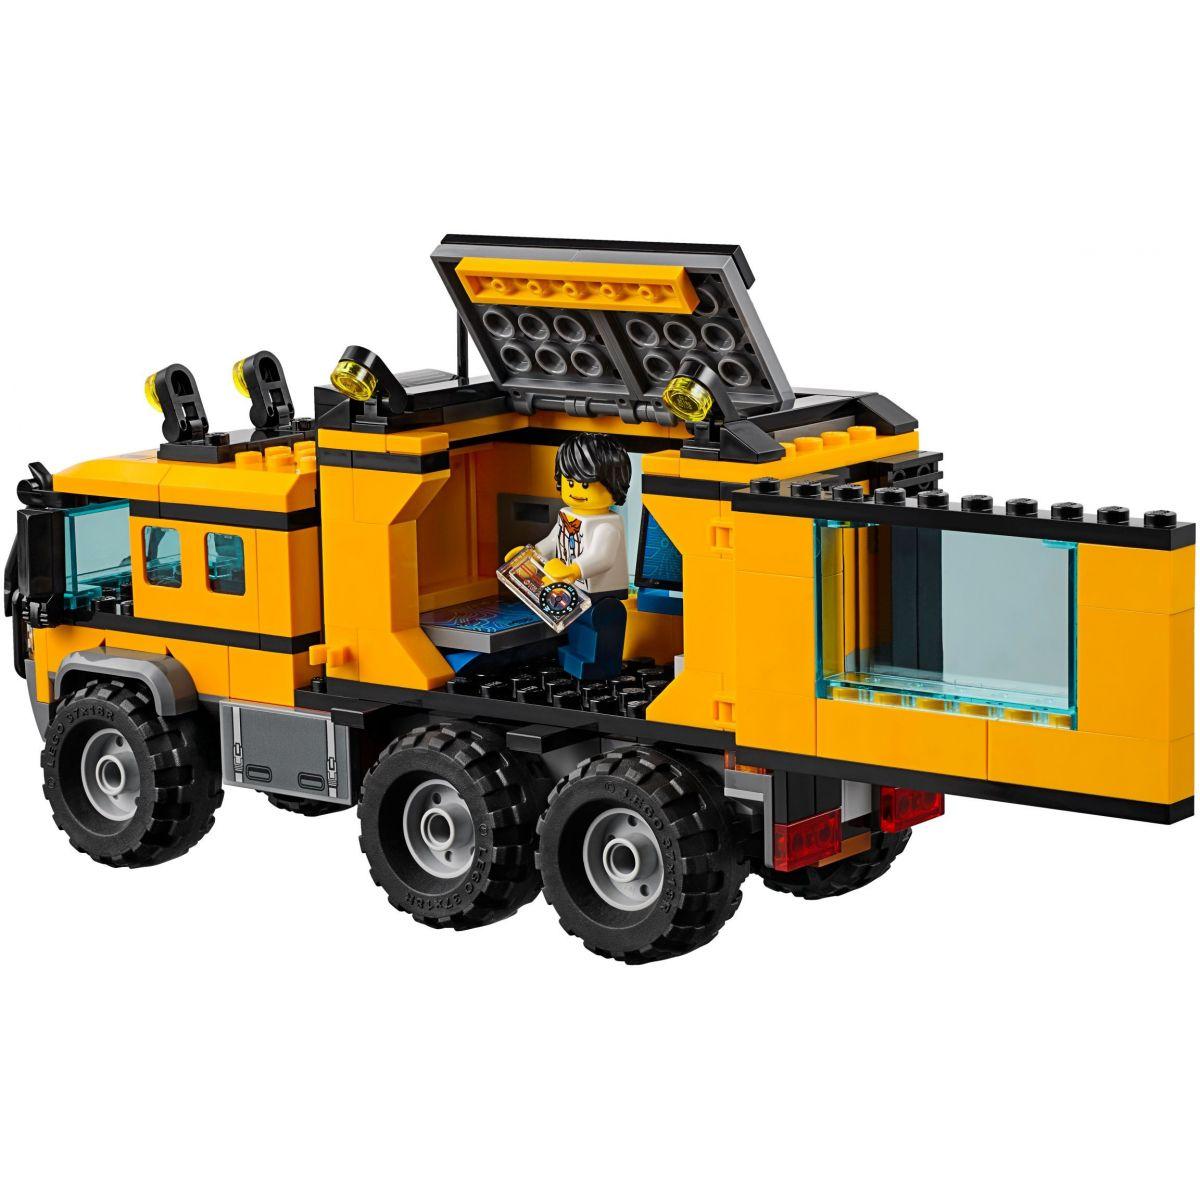 LEGO City 60160 Mobilní laboratoř do džungle #3